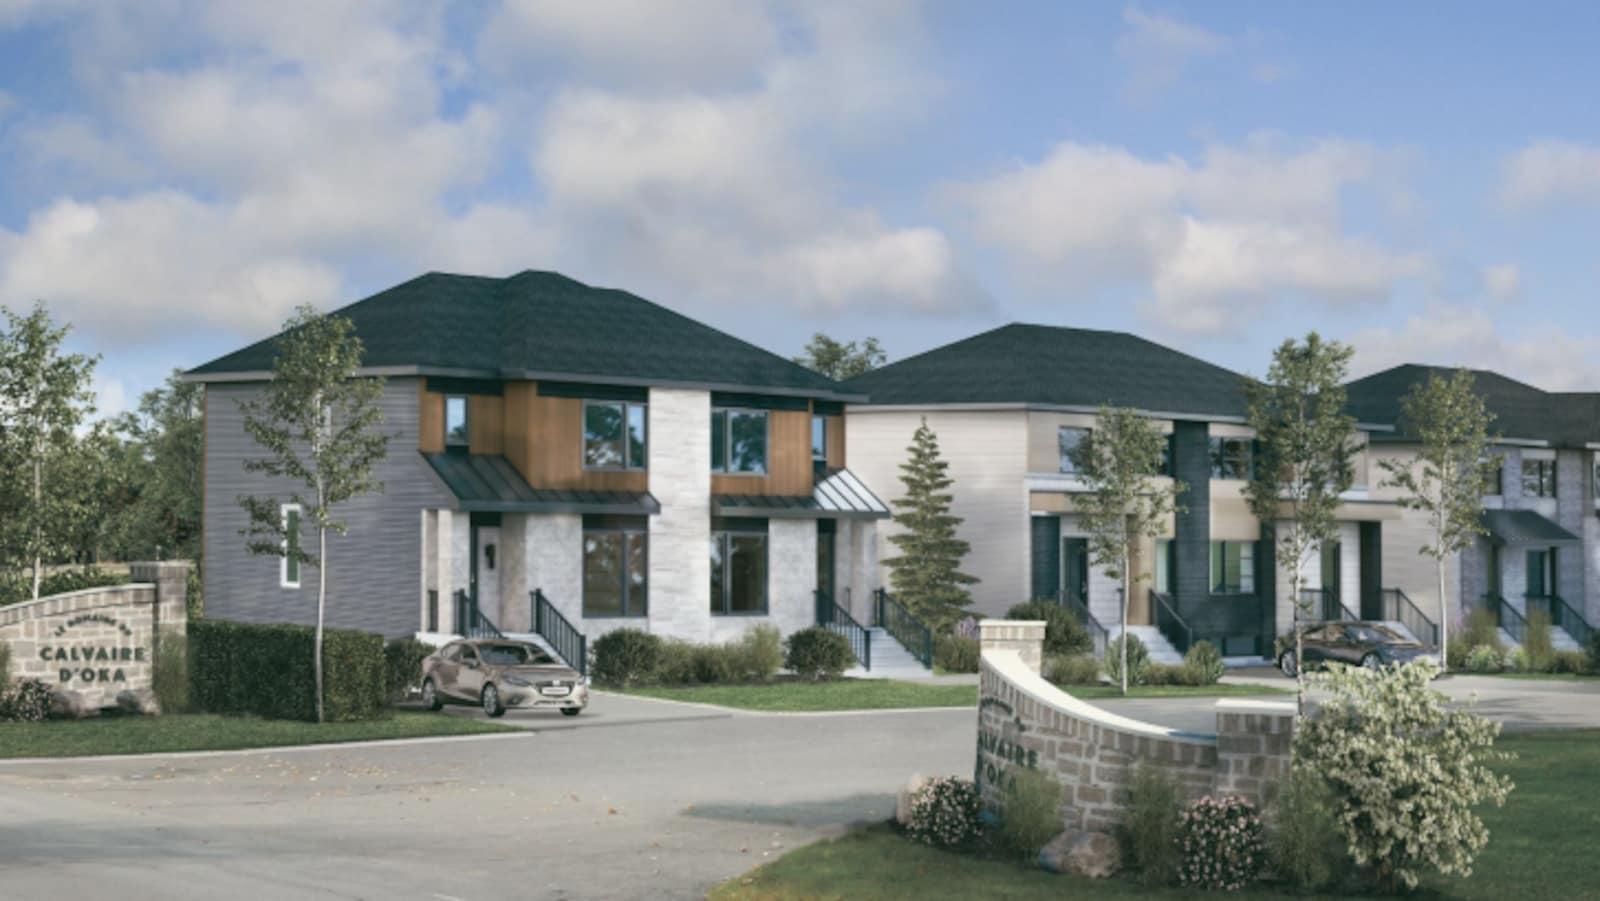 Maquette du projet immobilier du Domaine du Calvaire d'Oka